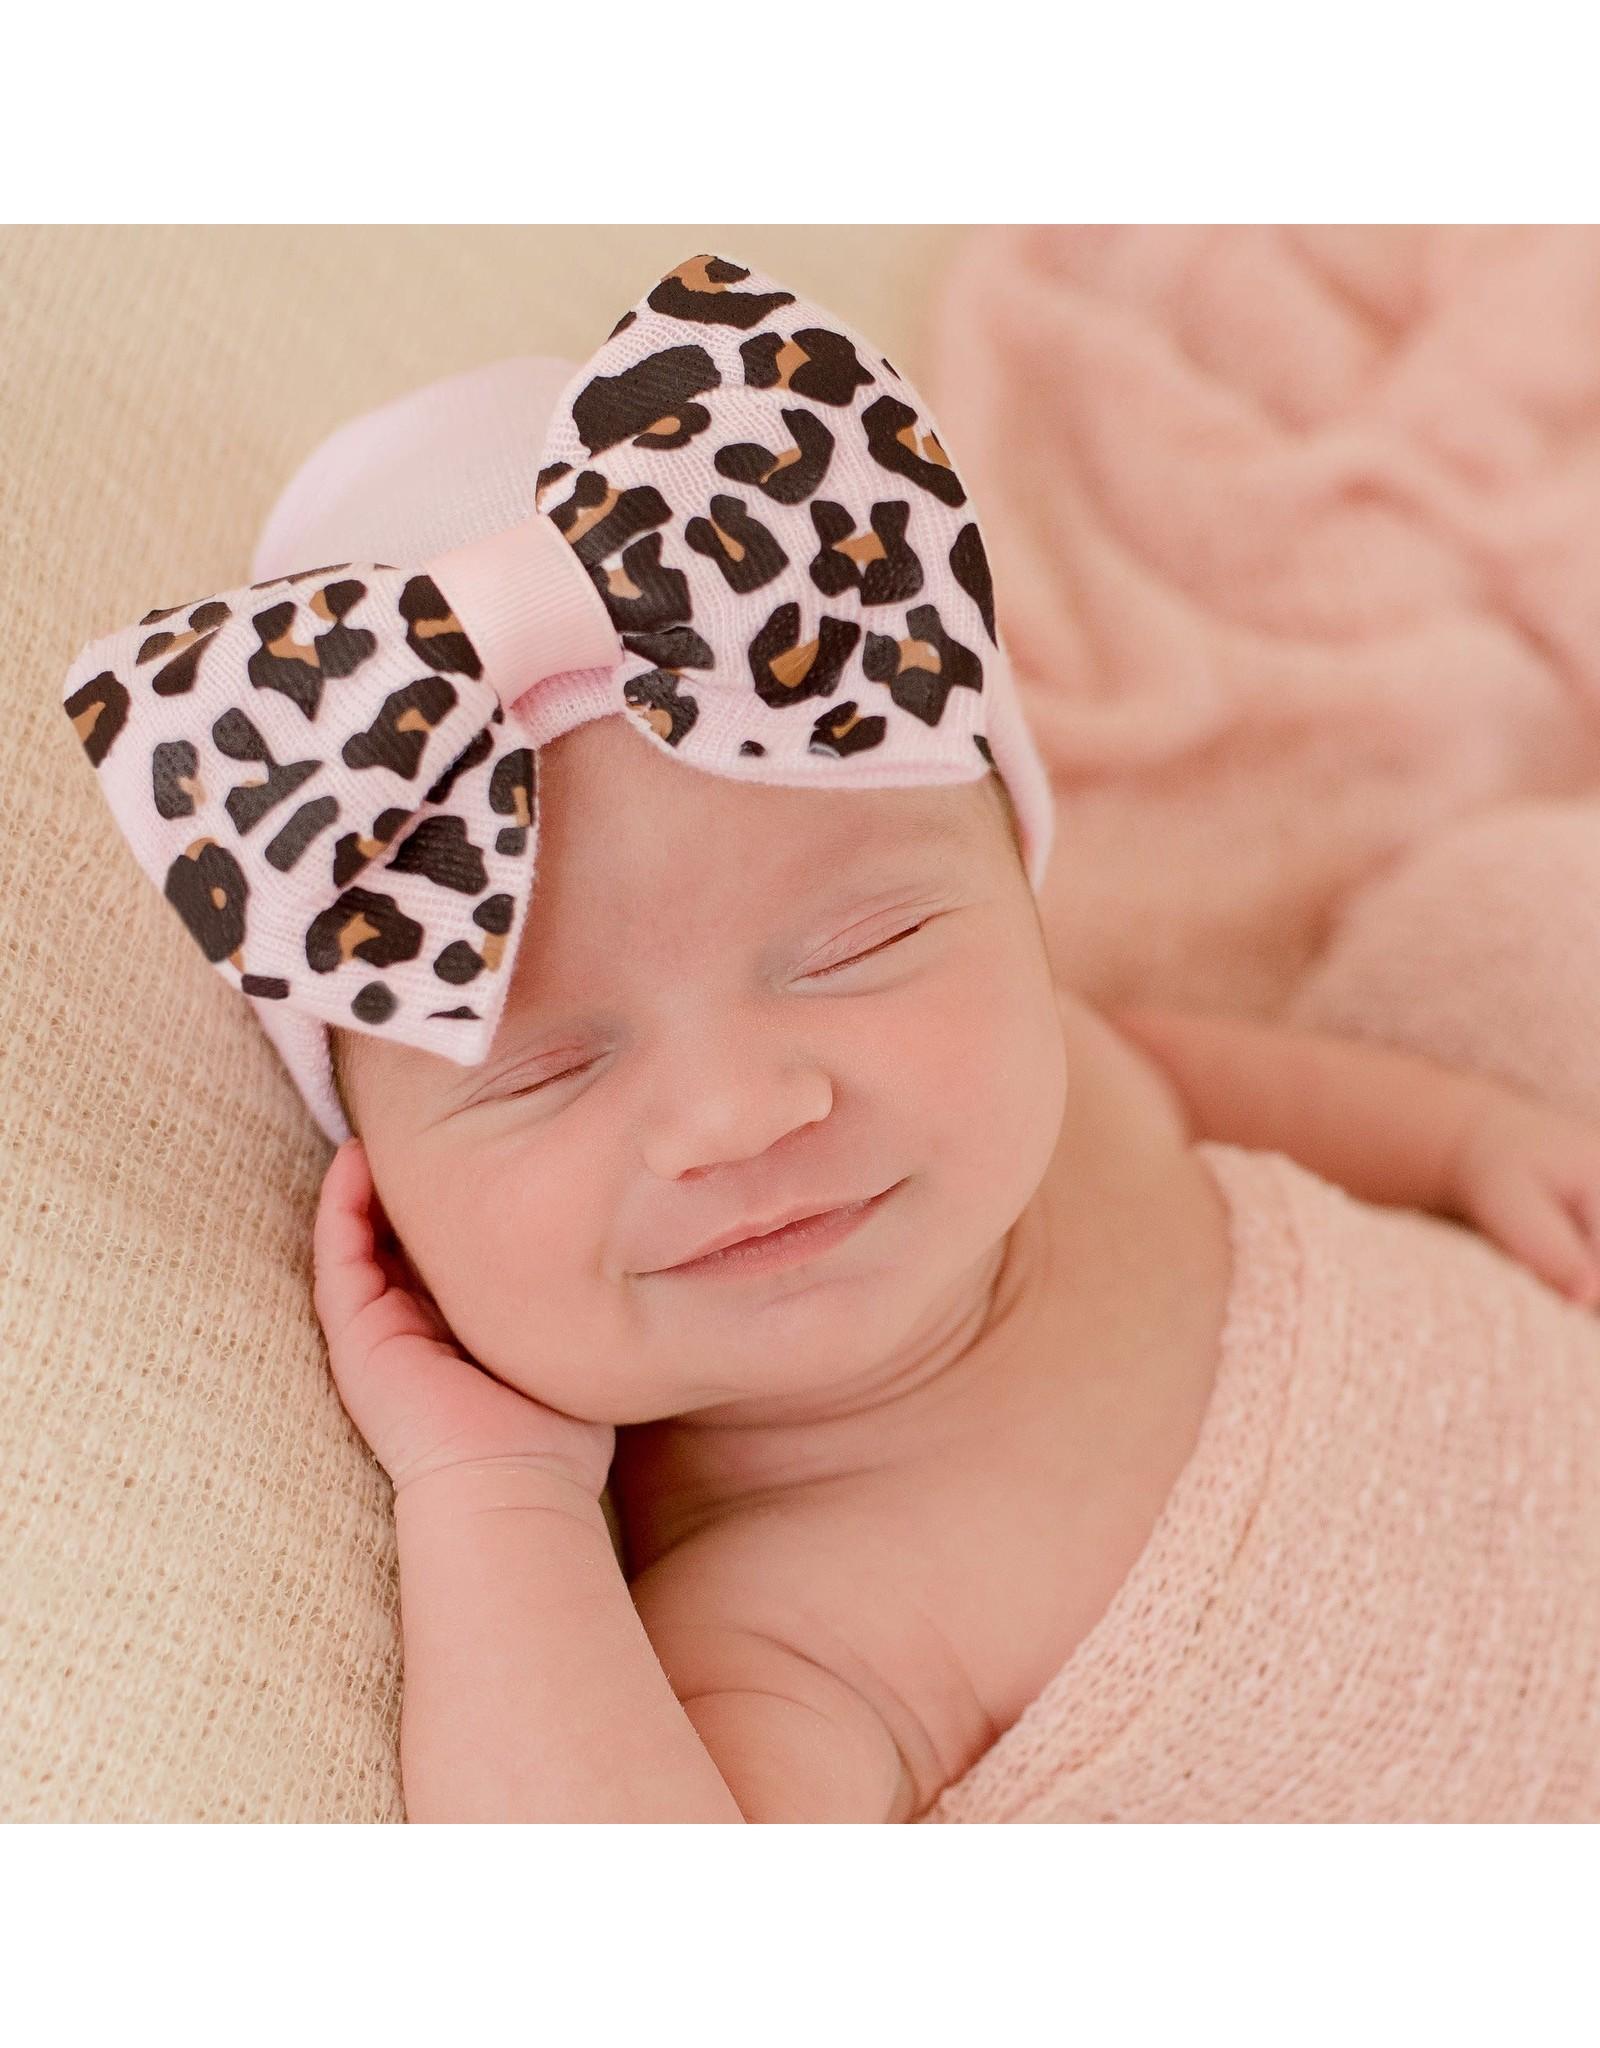 ILYBEAN Ilybean- PINK Lucy Leopard